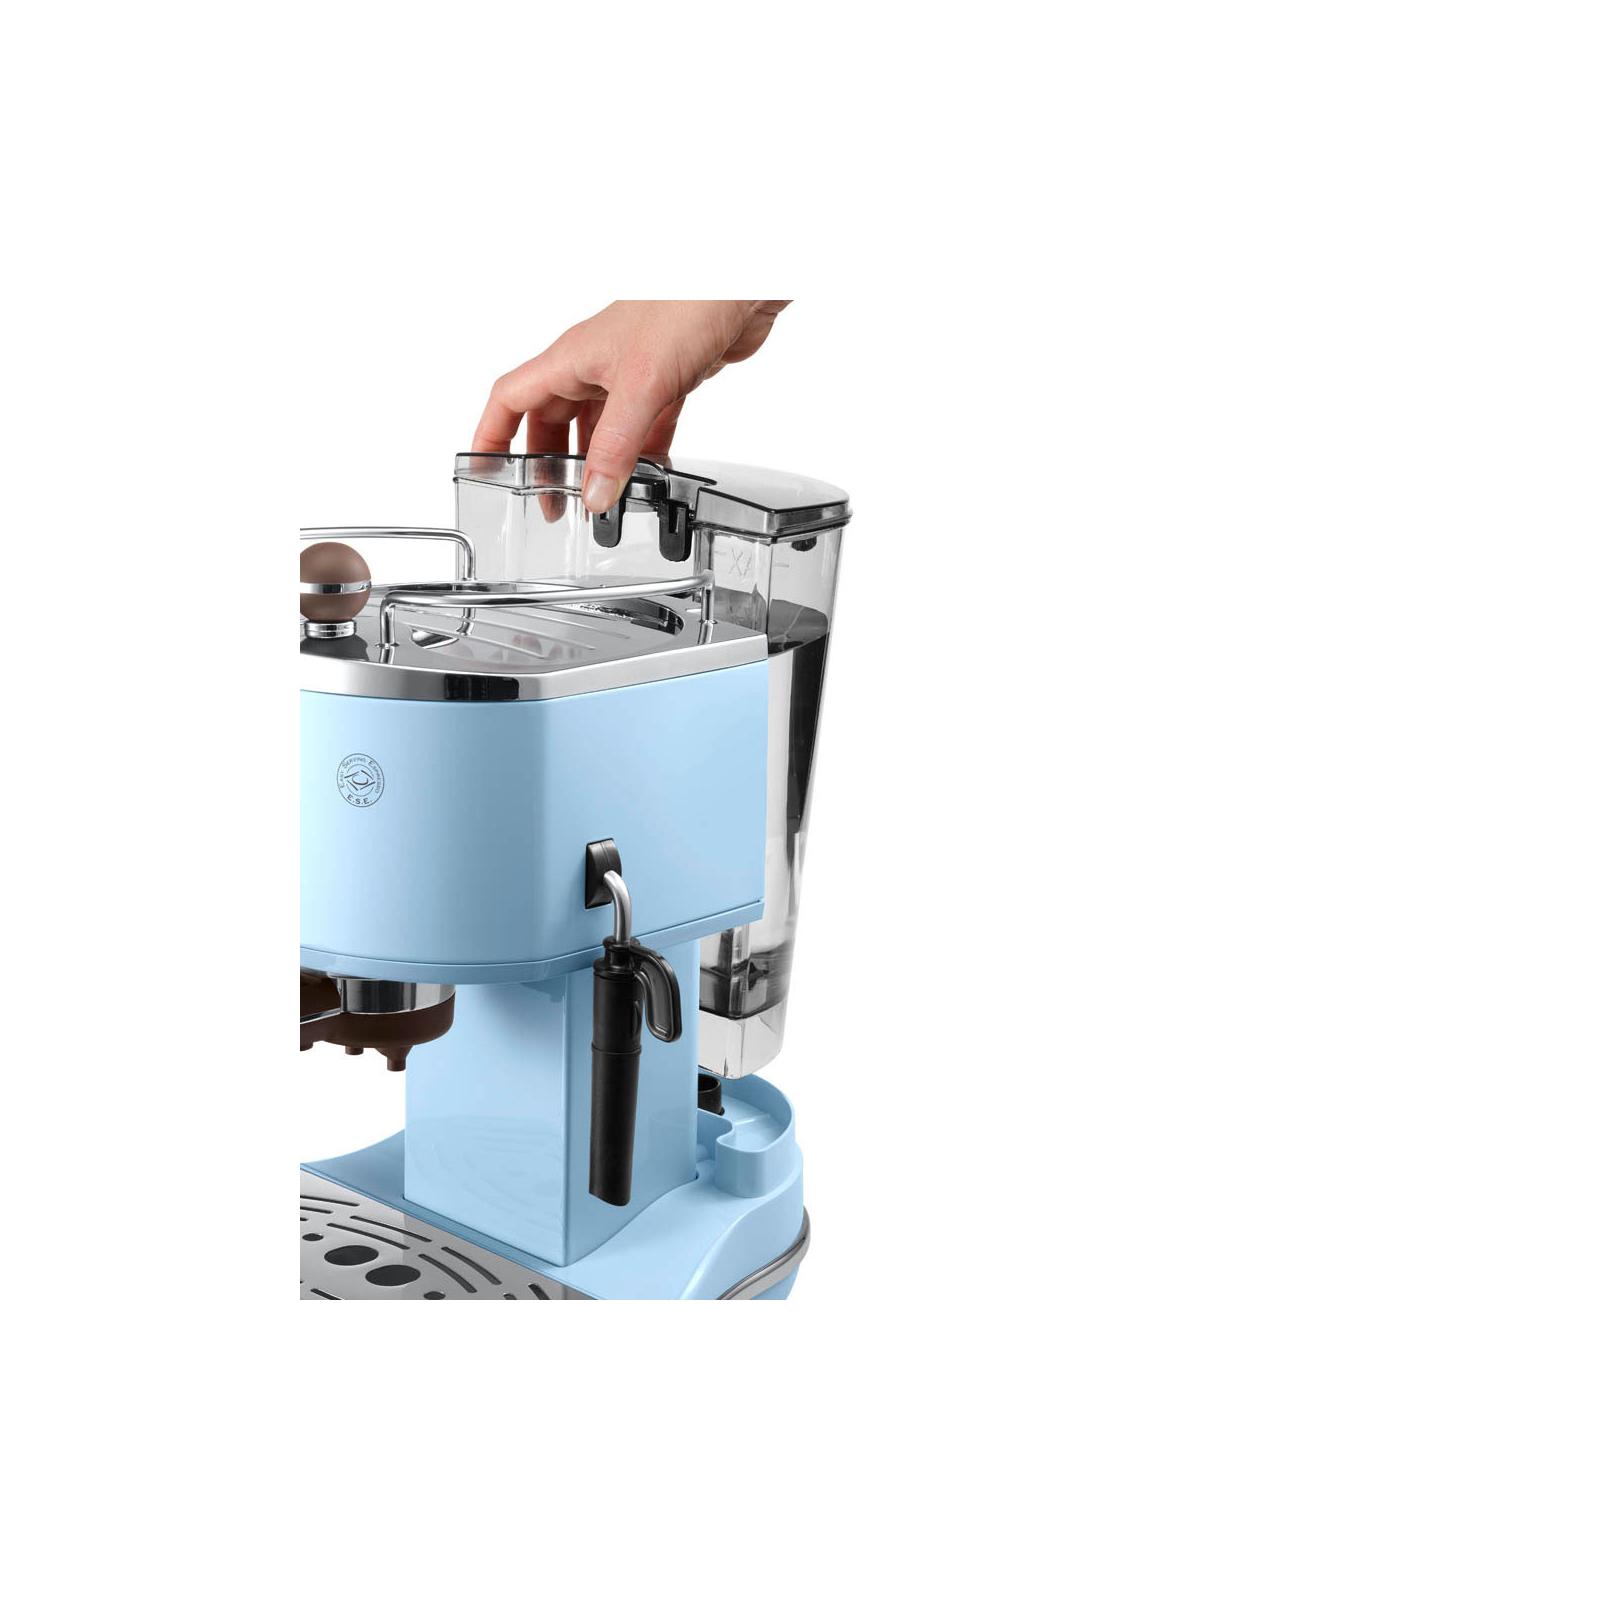 Кофеварка DeLonghi ECOV 310.AZ изображение 3